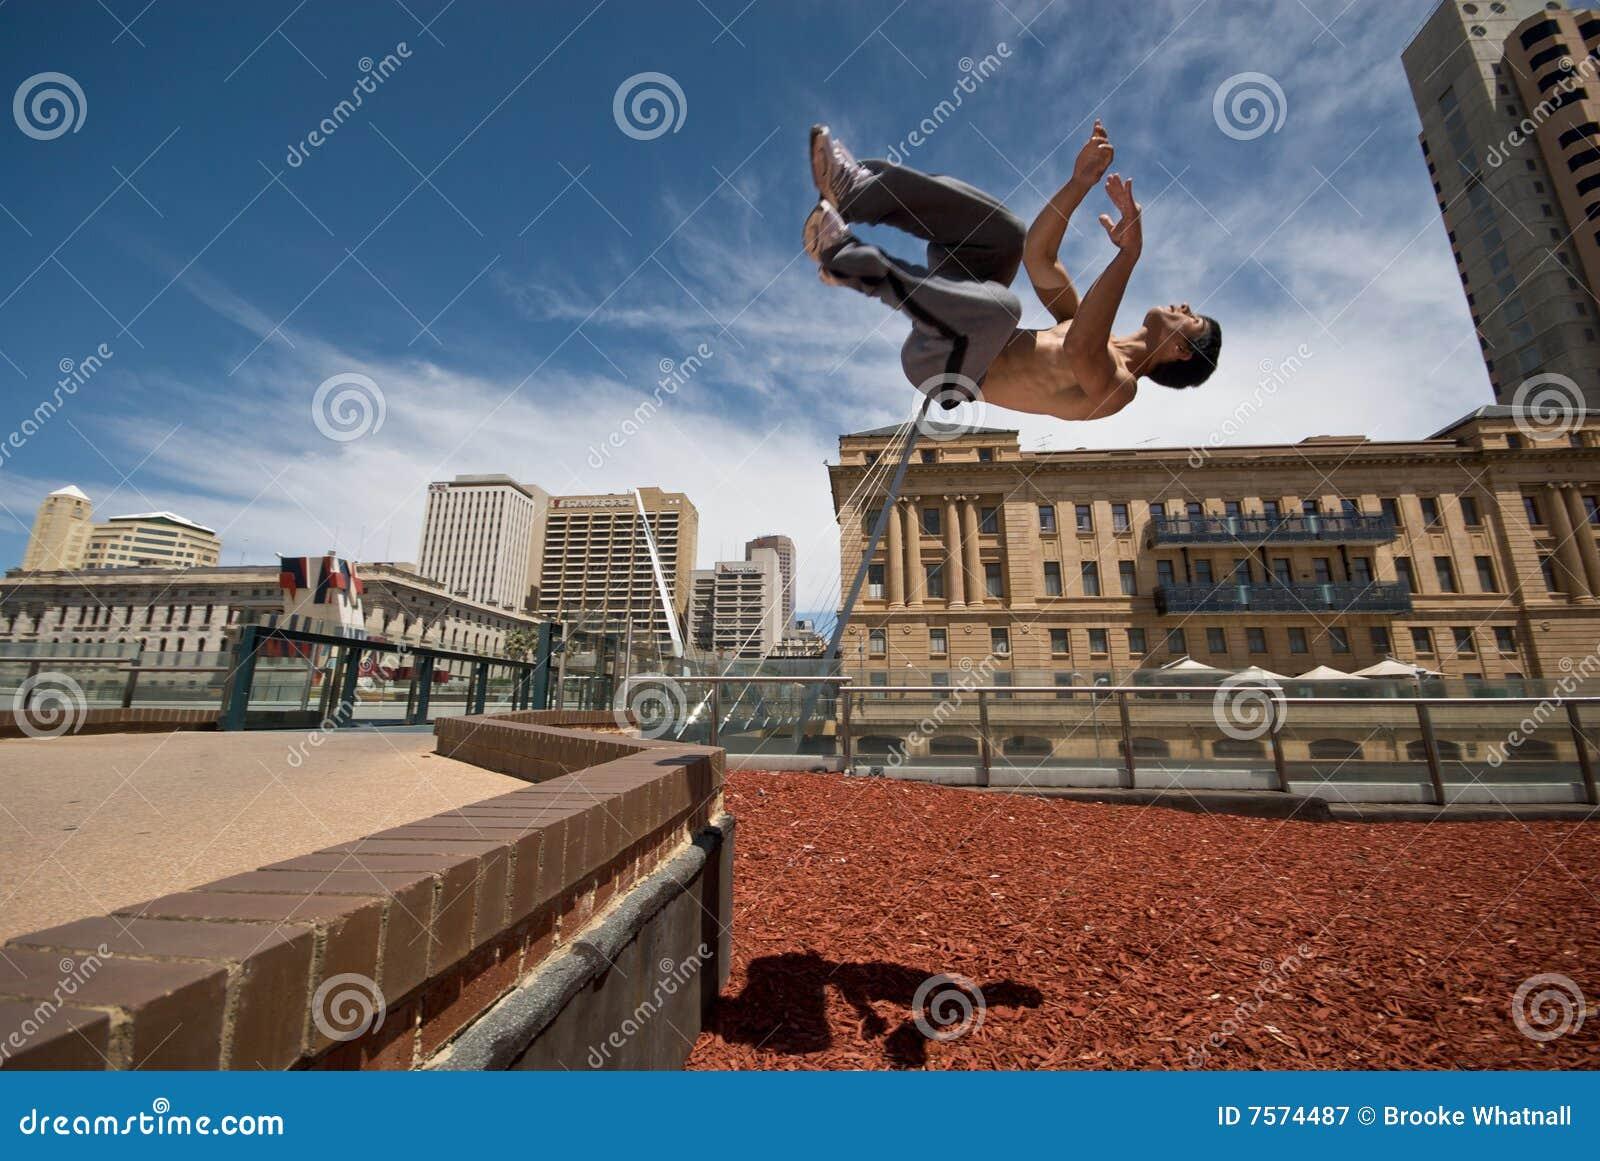 翻转体操运动员墙壁